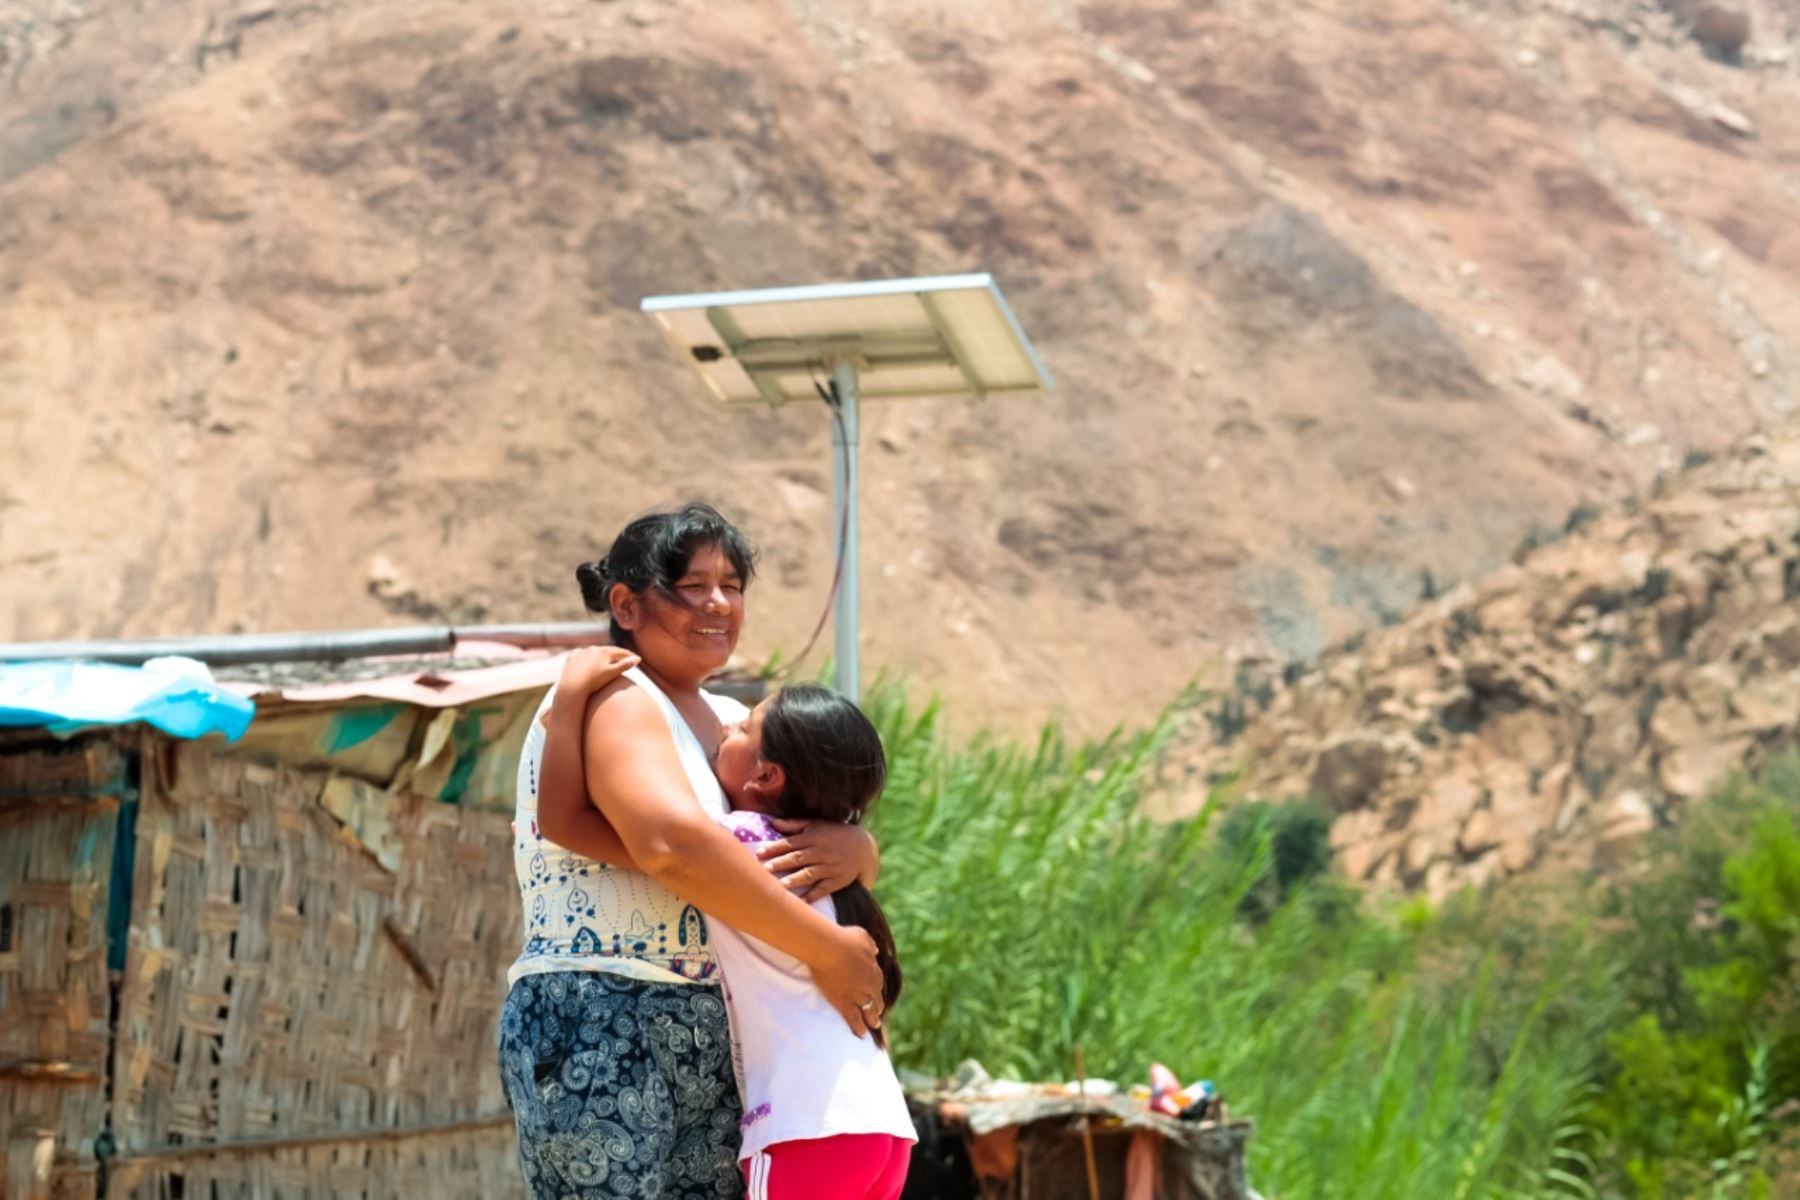 Panel Fotovoltaico permite generar energía eléctrica en las zonas rurales alejadas del país. Foto: Cortesía.